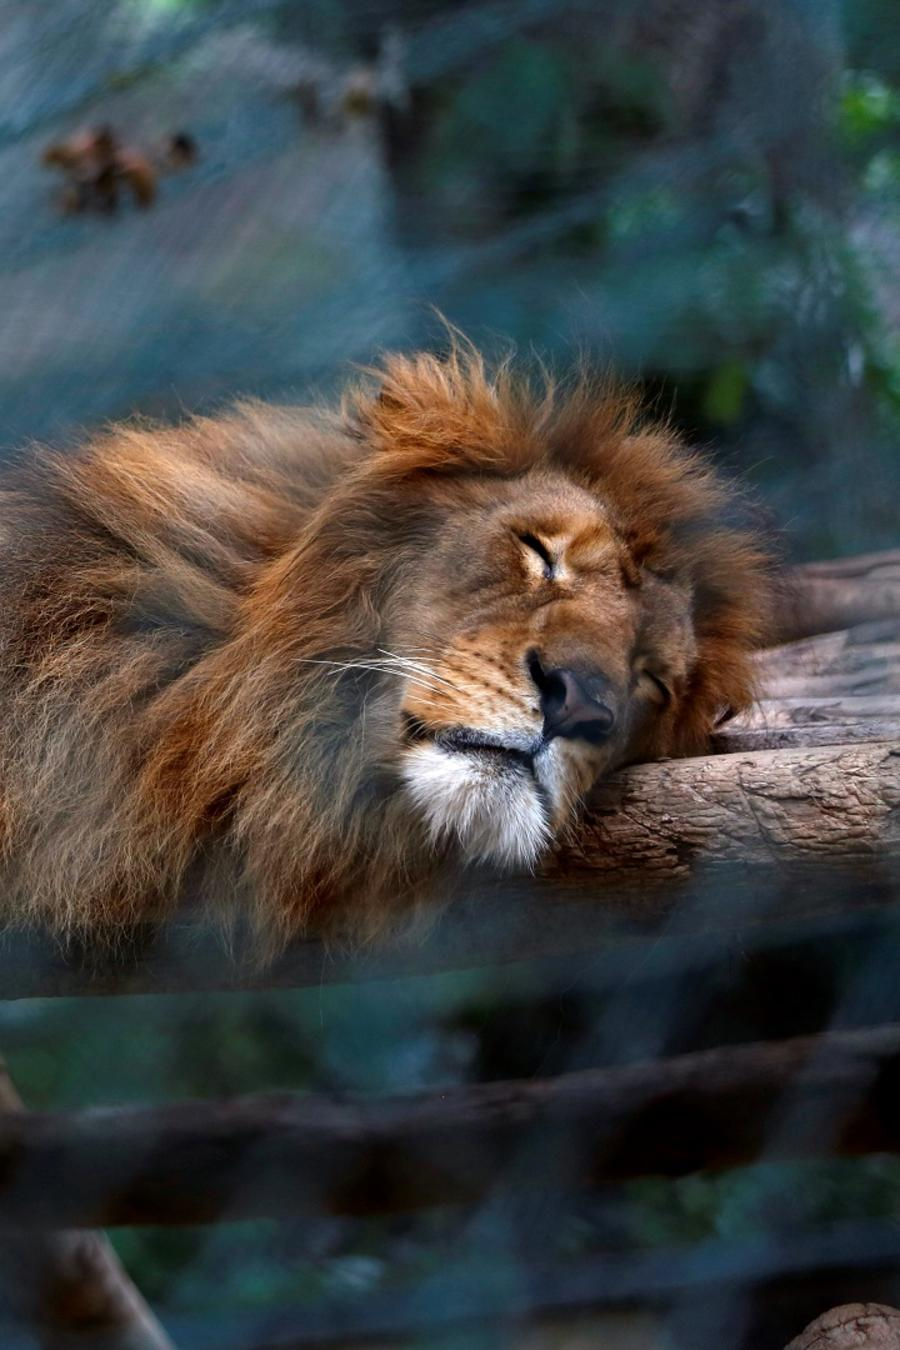 León durmiendo en zoológico de Venezuela